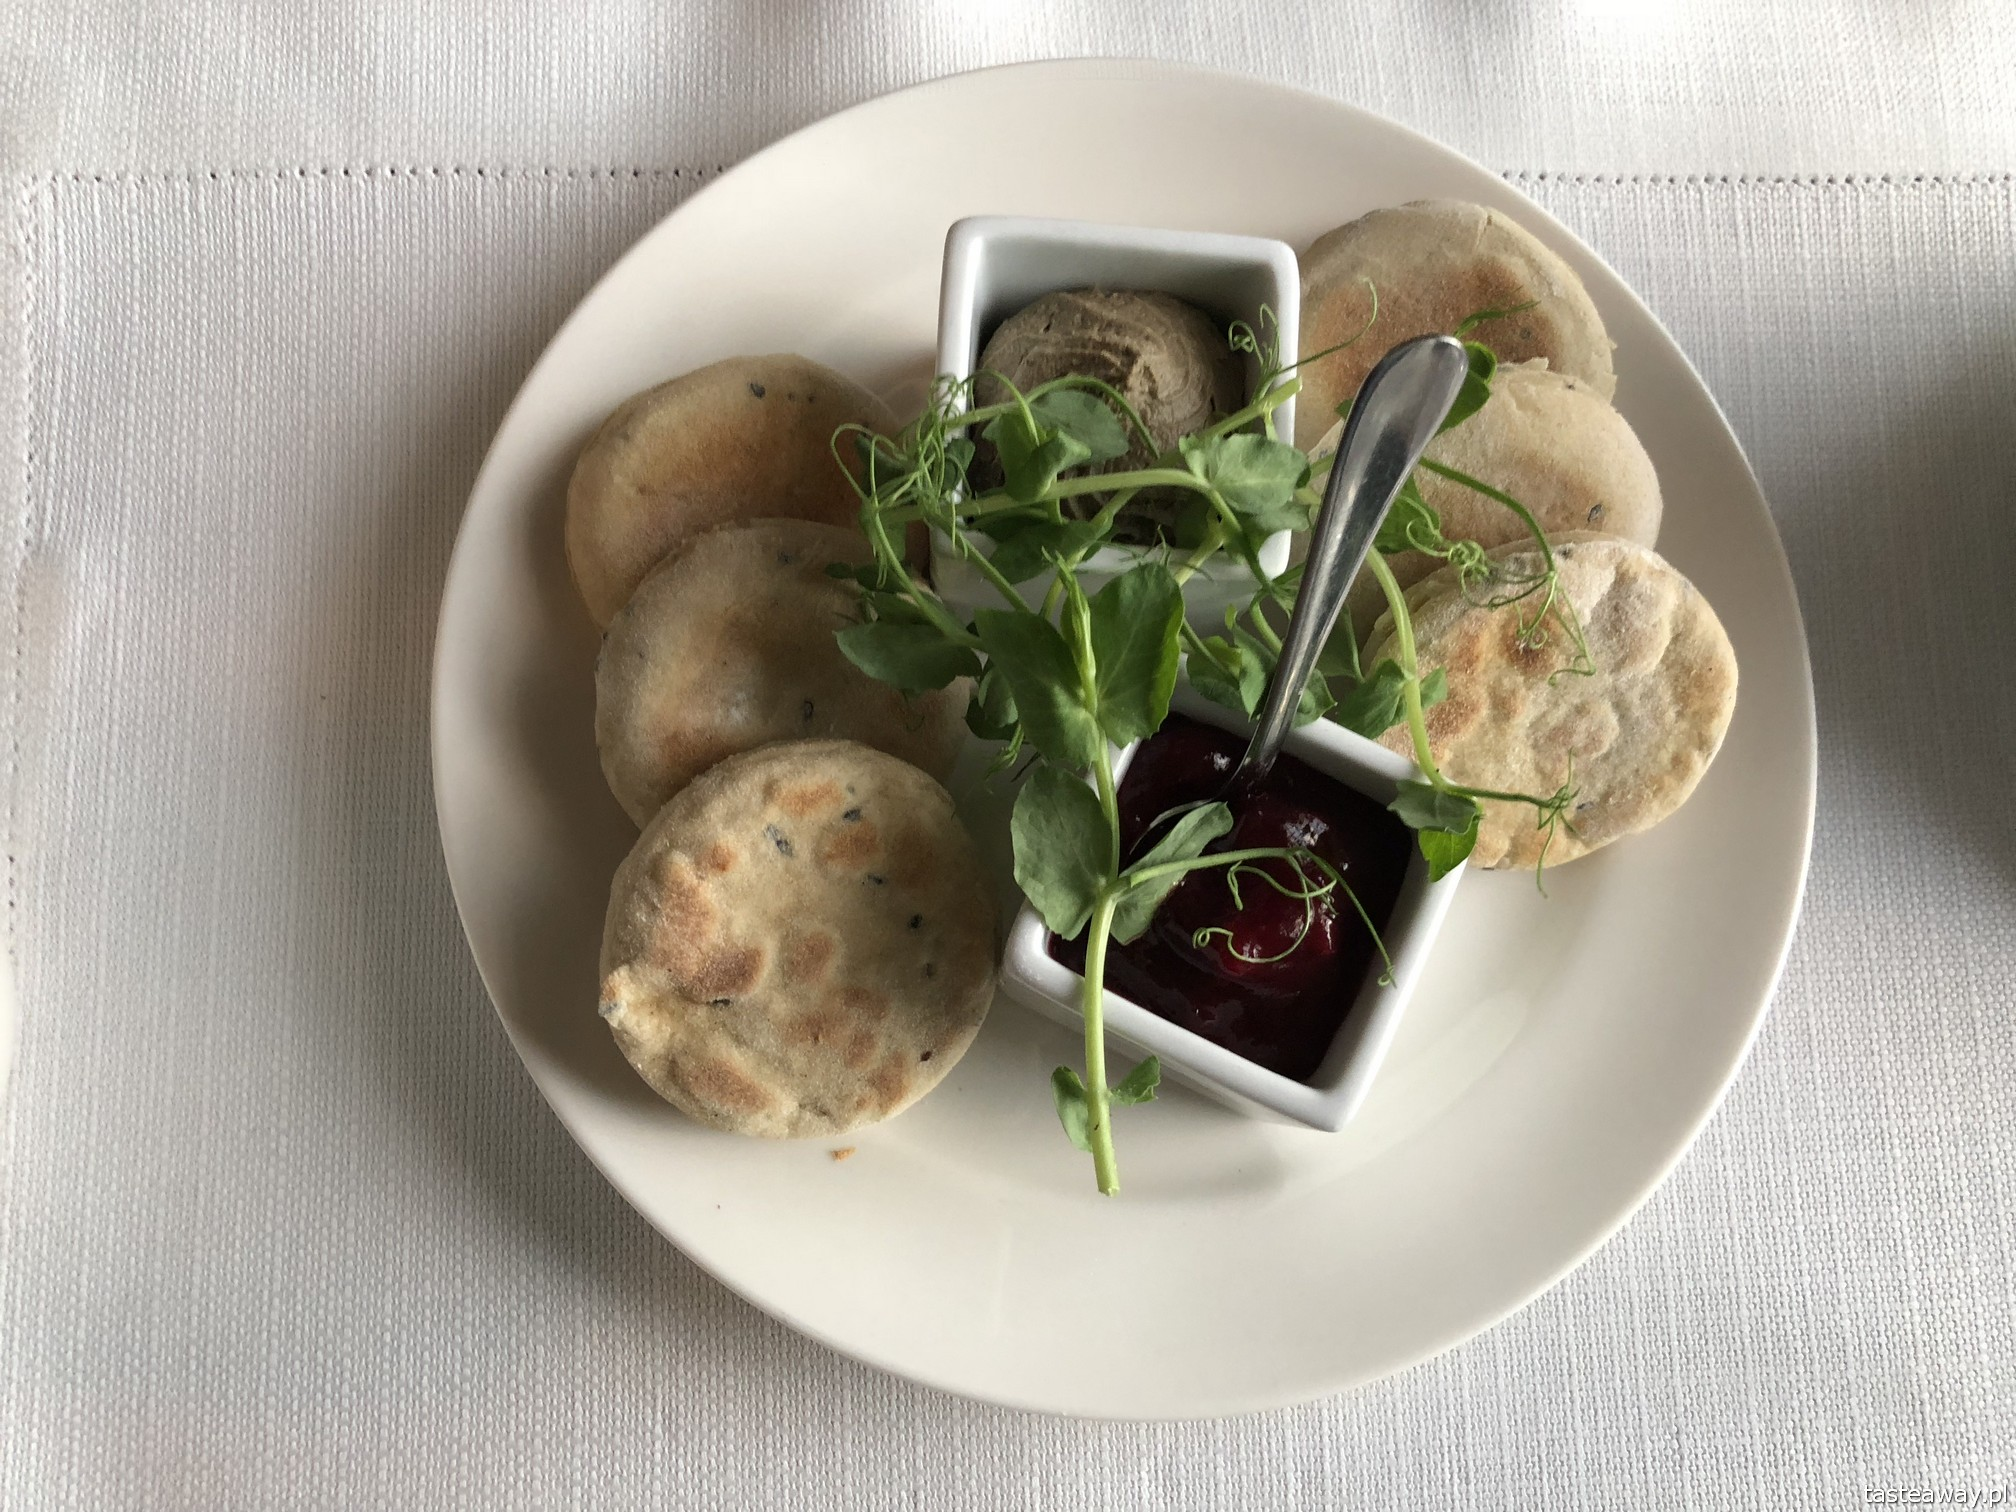 Rzeszów, Podkarpackie, co zobaczyć, co zjeść, proziaki, co jeść w Podkarpackim, Restauracja Wesele, Hotel Bristol